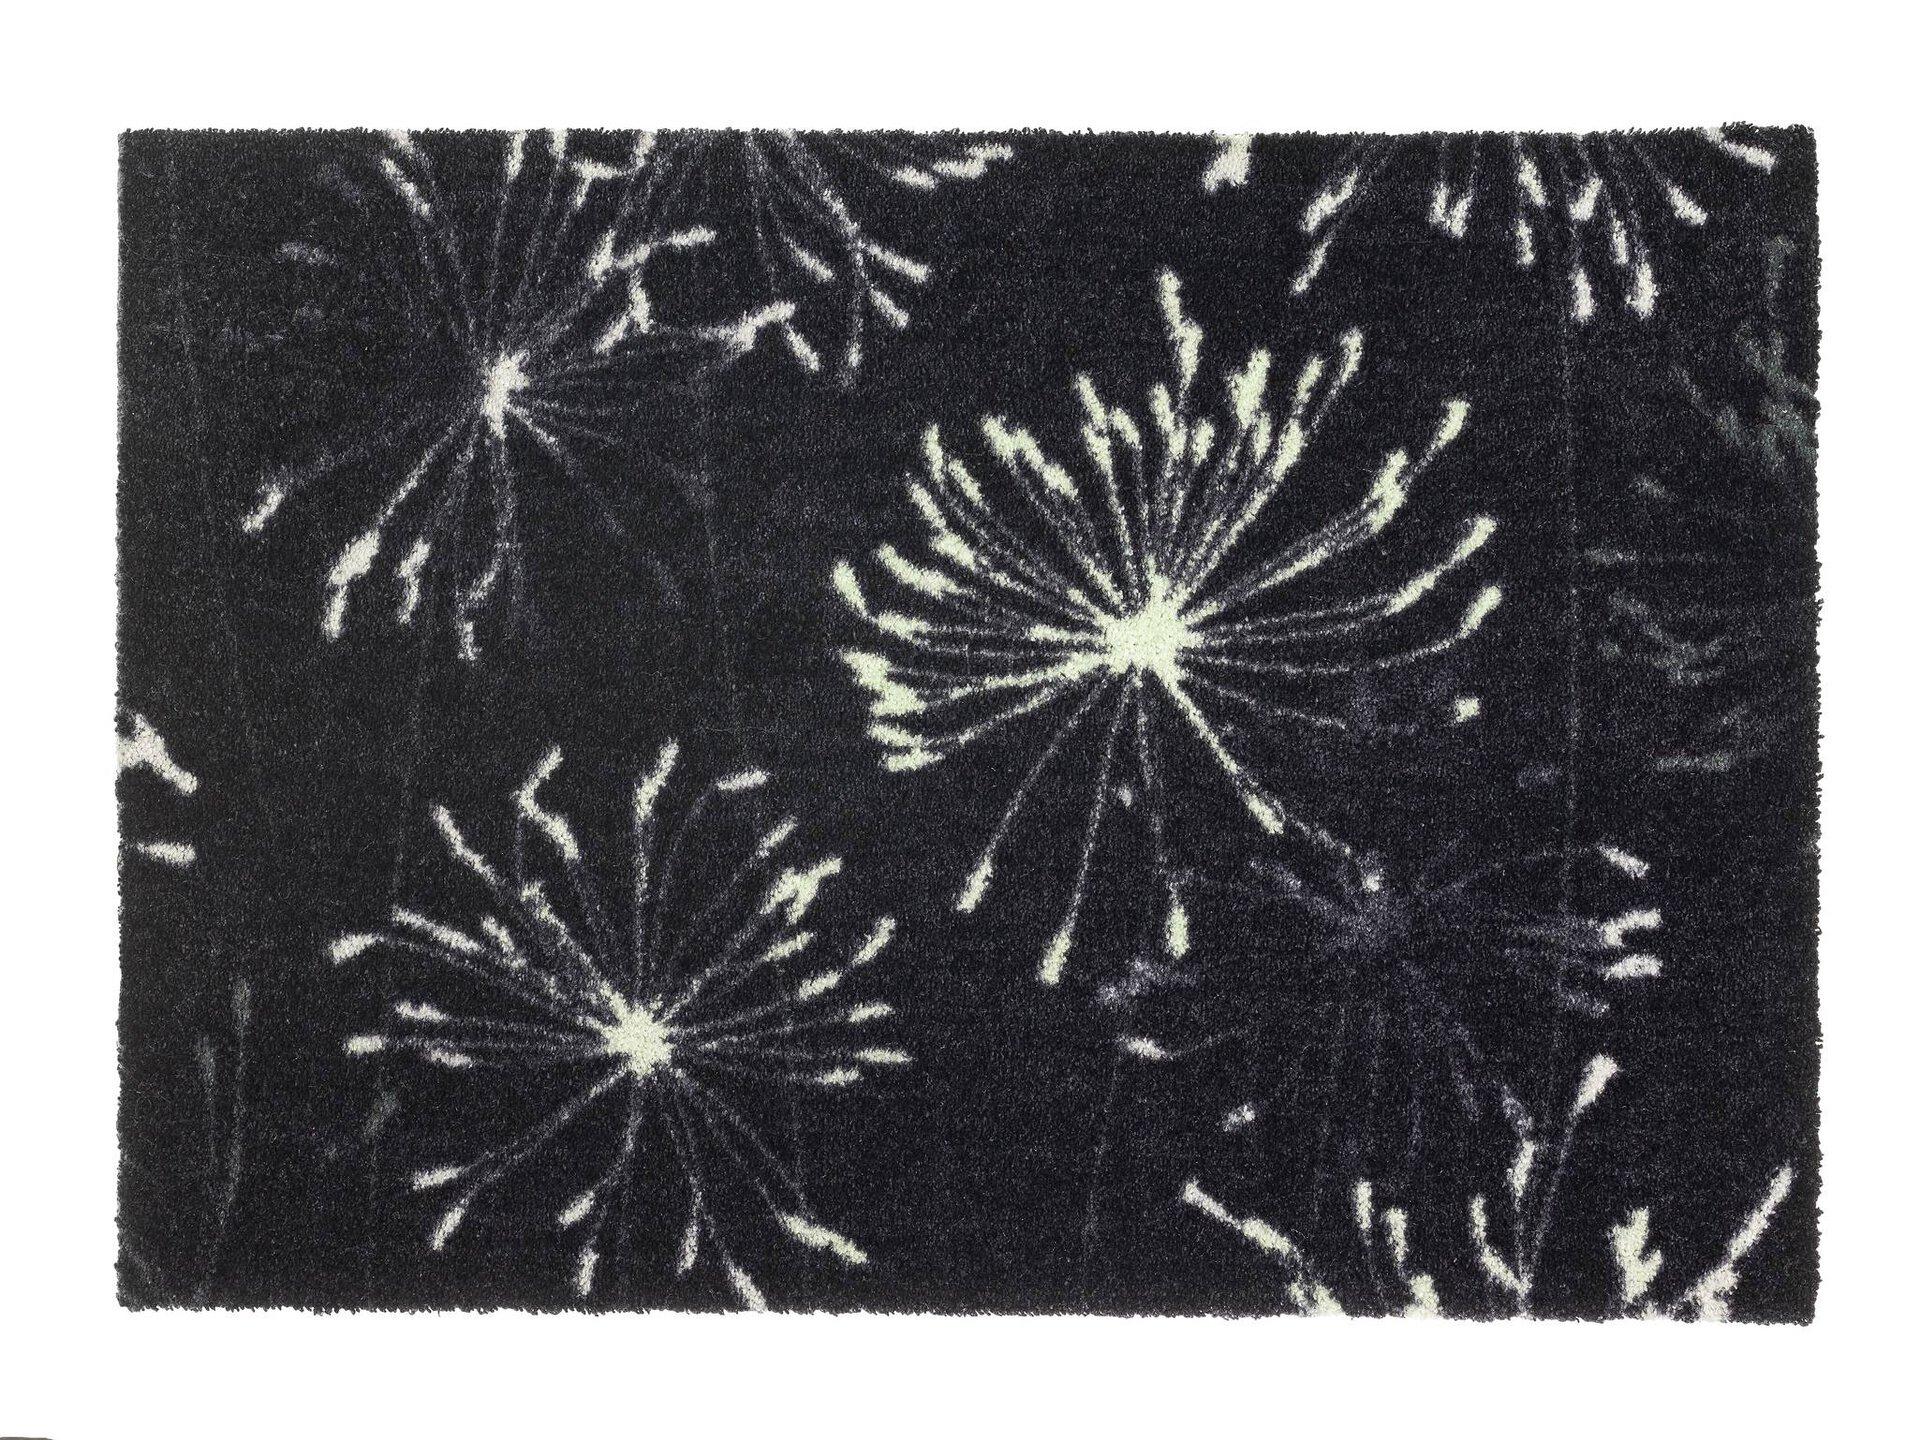 Türmatte 1689 Schöner Wohnen Schöner Wohnen Textil grau 50 x 70 cm